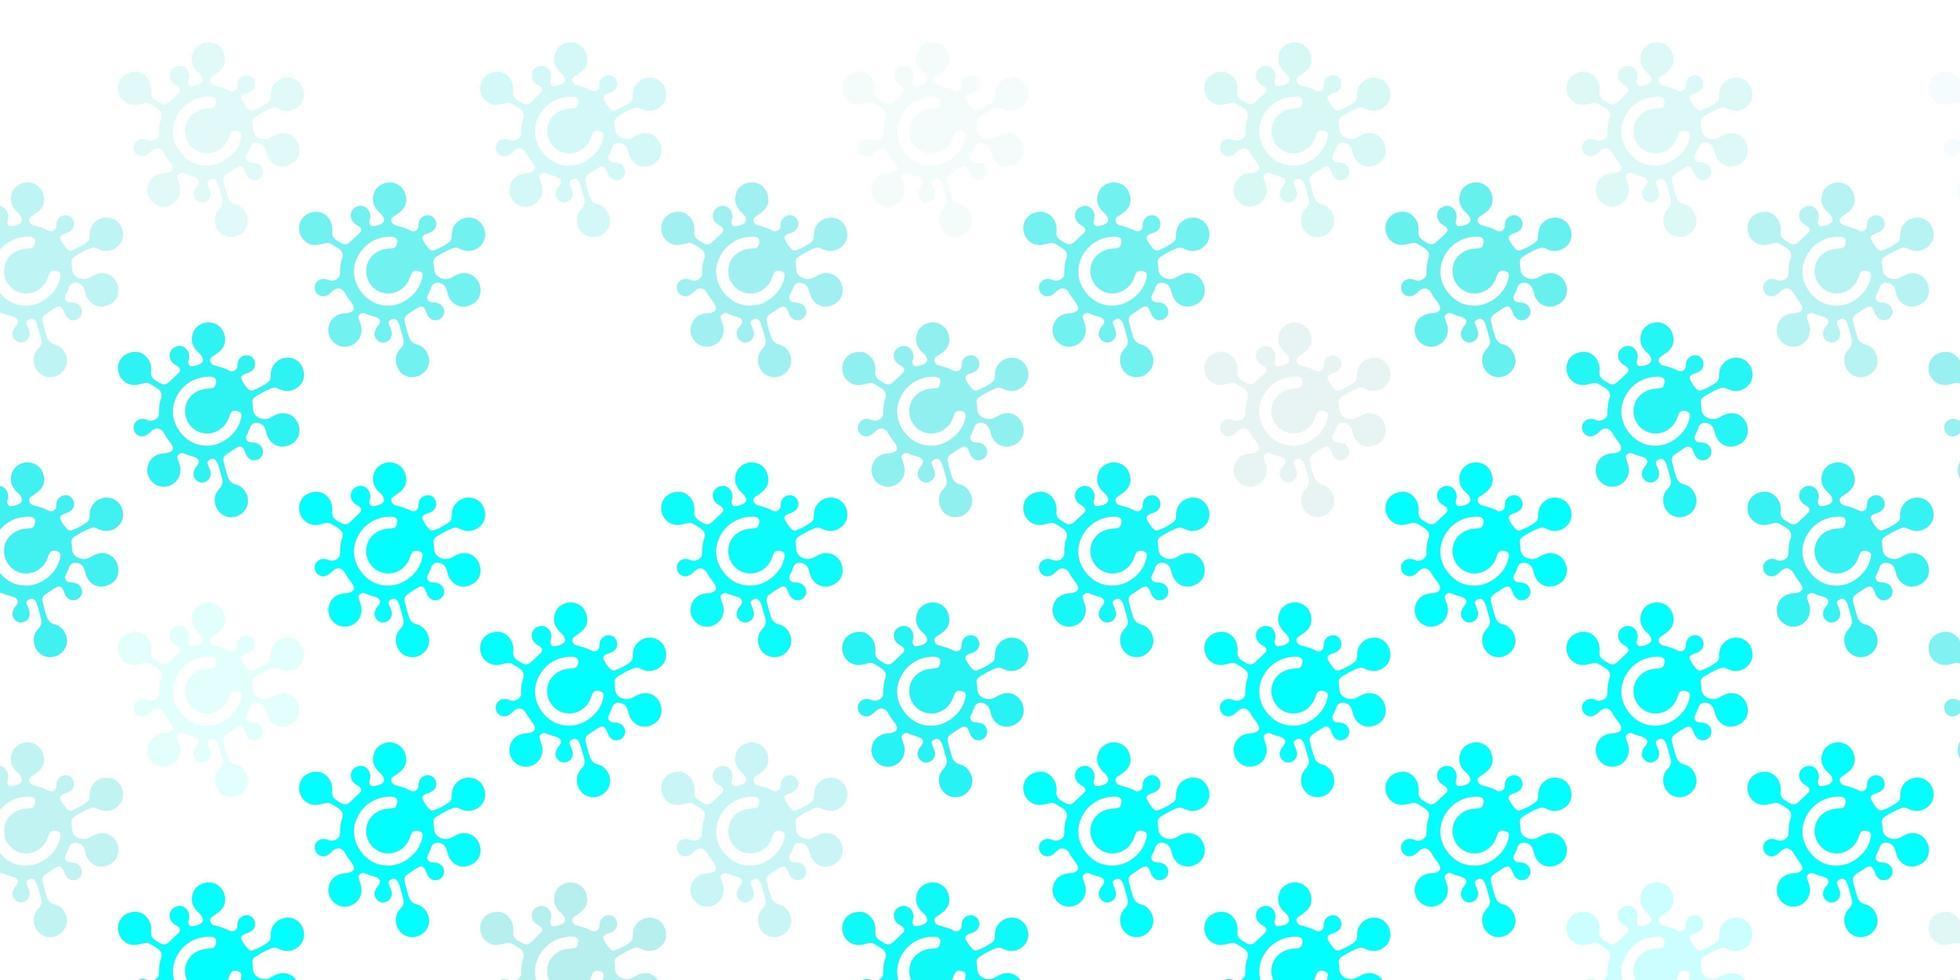 lichtblauw patroon met coronavirus-elementen. vector